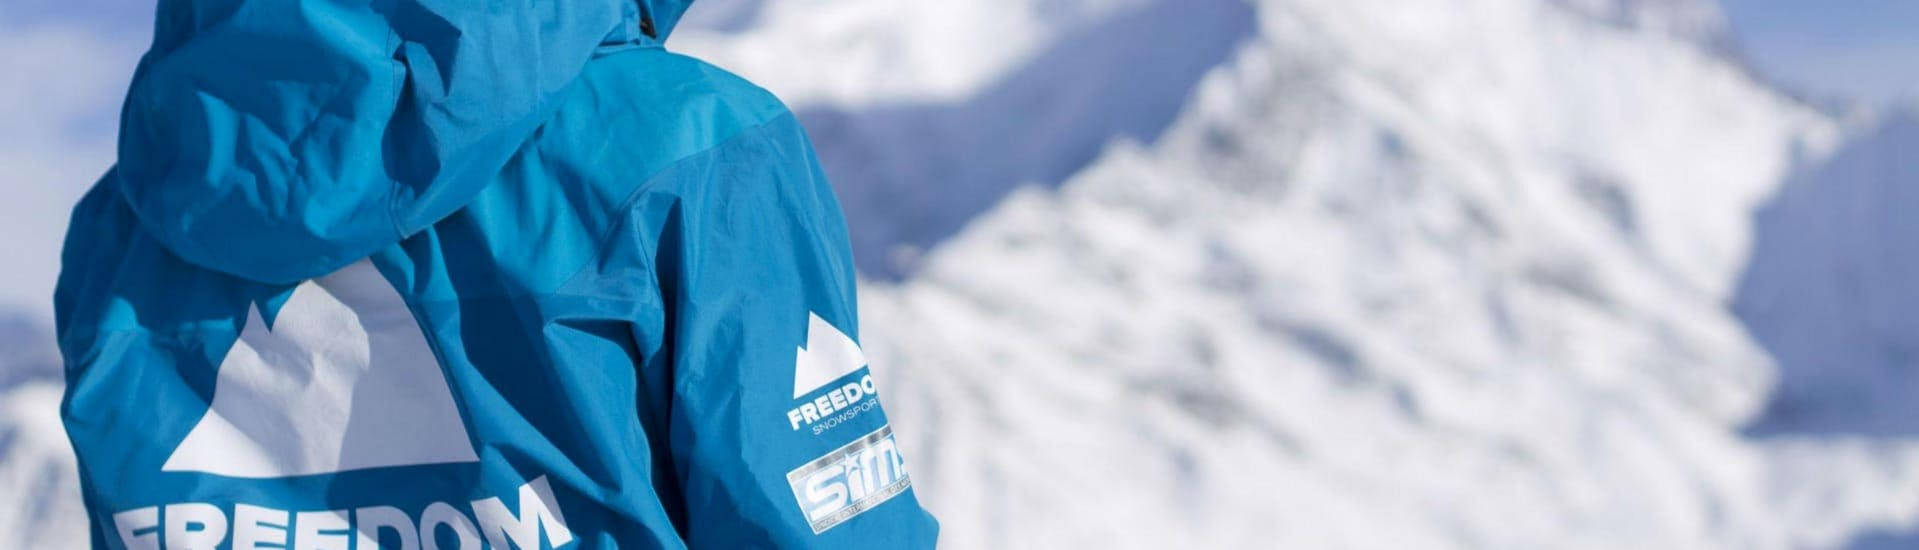 Eine Skilehrerin der Skischule Freedom Snowsports blickt über die verschneite Berglandschaft im Skigebiet Chamonix.